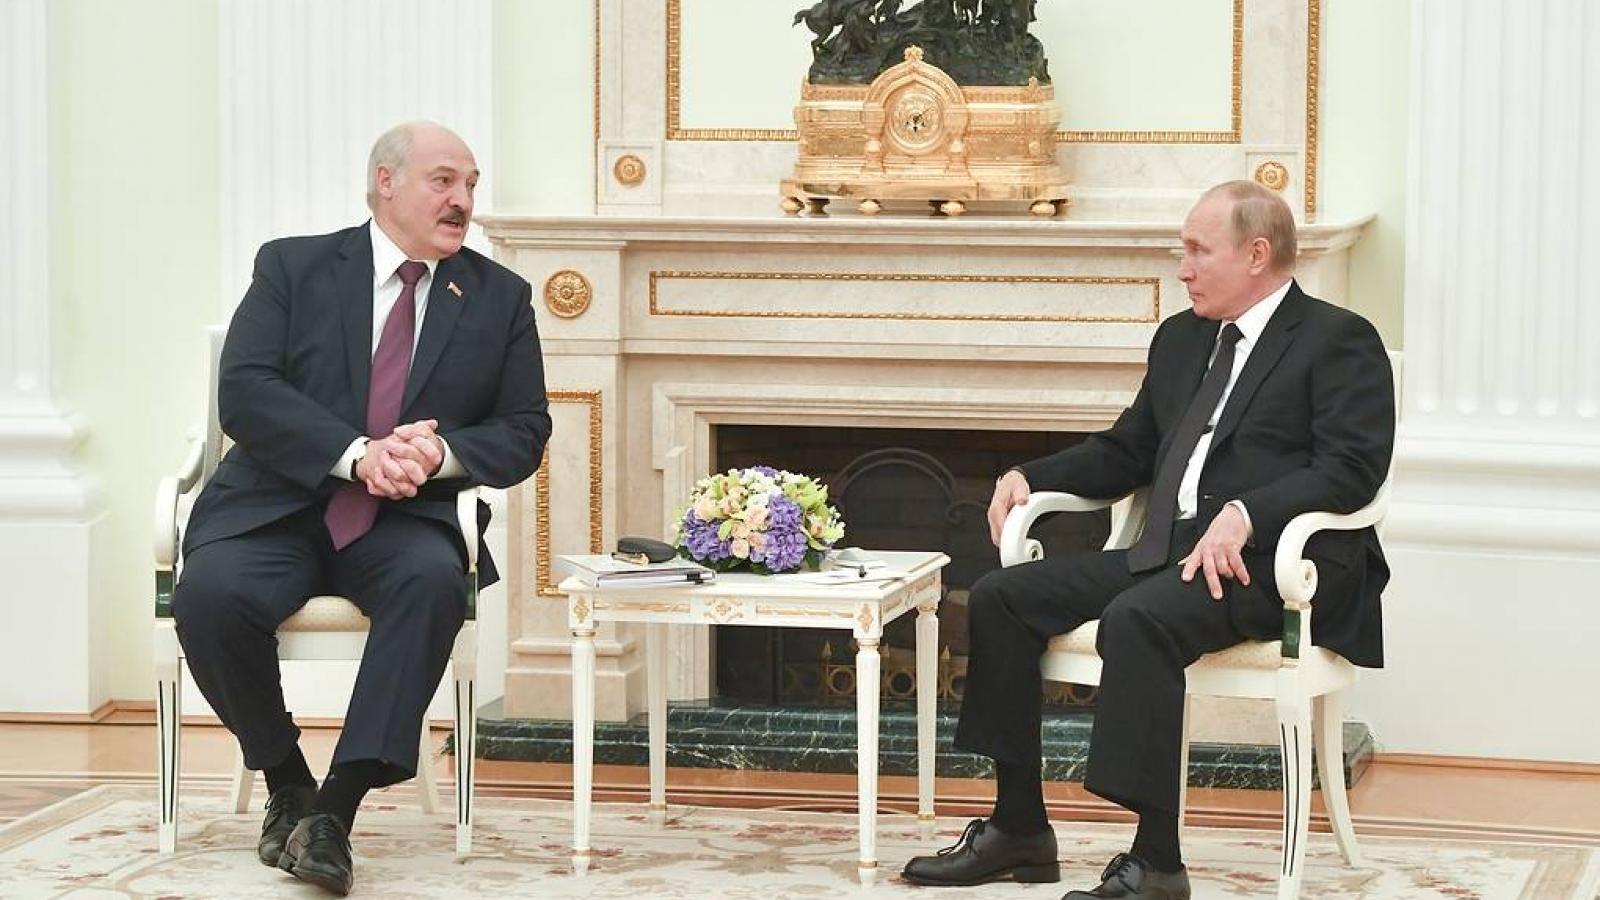 Nga và Belarus đã đạt được các thỏa thuận về hội nhập quốc gia Liên minh